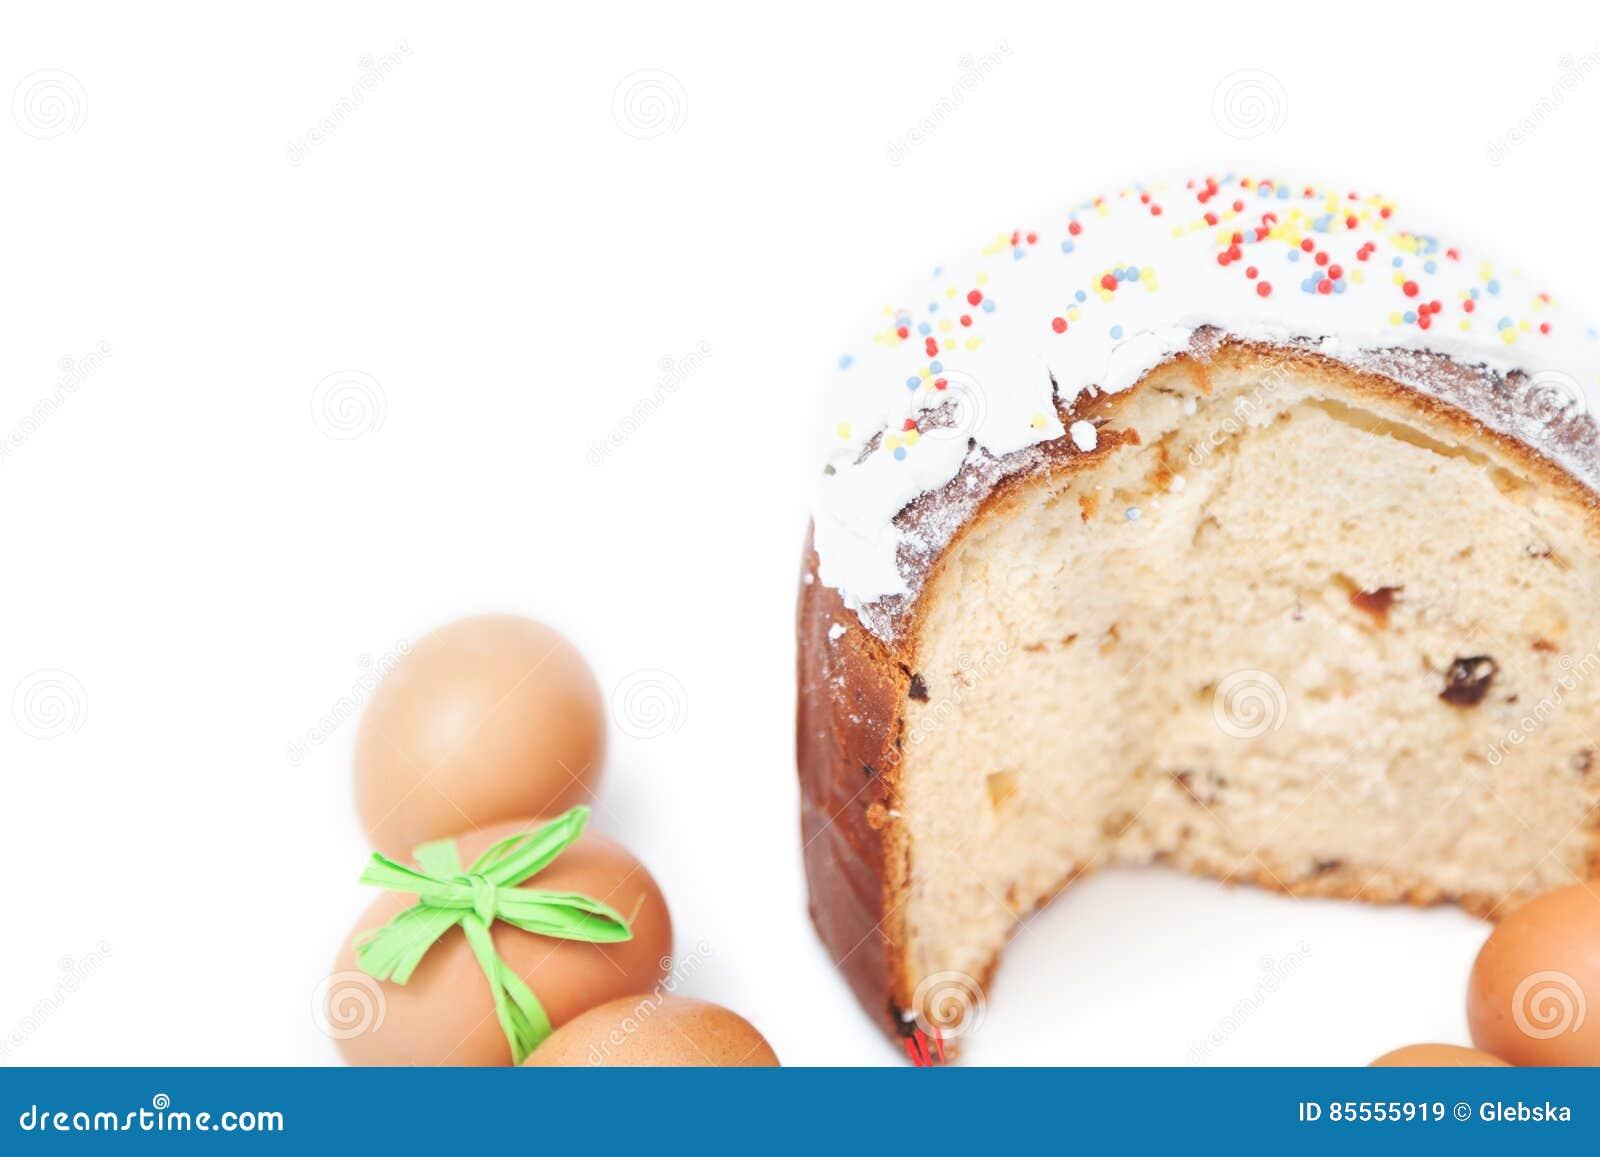 Schneiden Sie Kuchen und Zahl von Ostereiern auf weißem Hintergrund